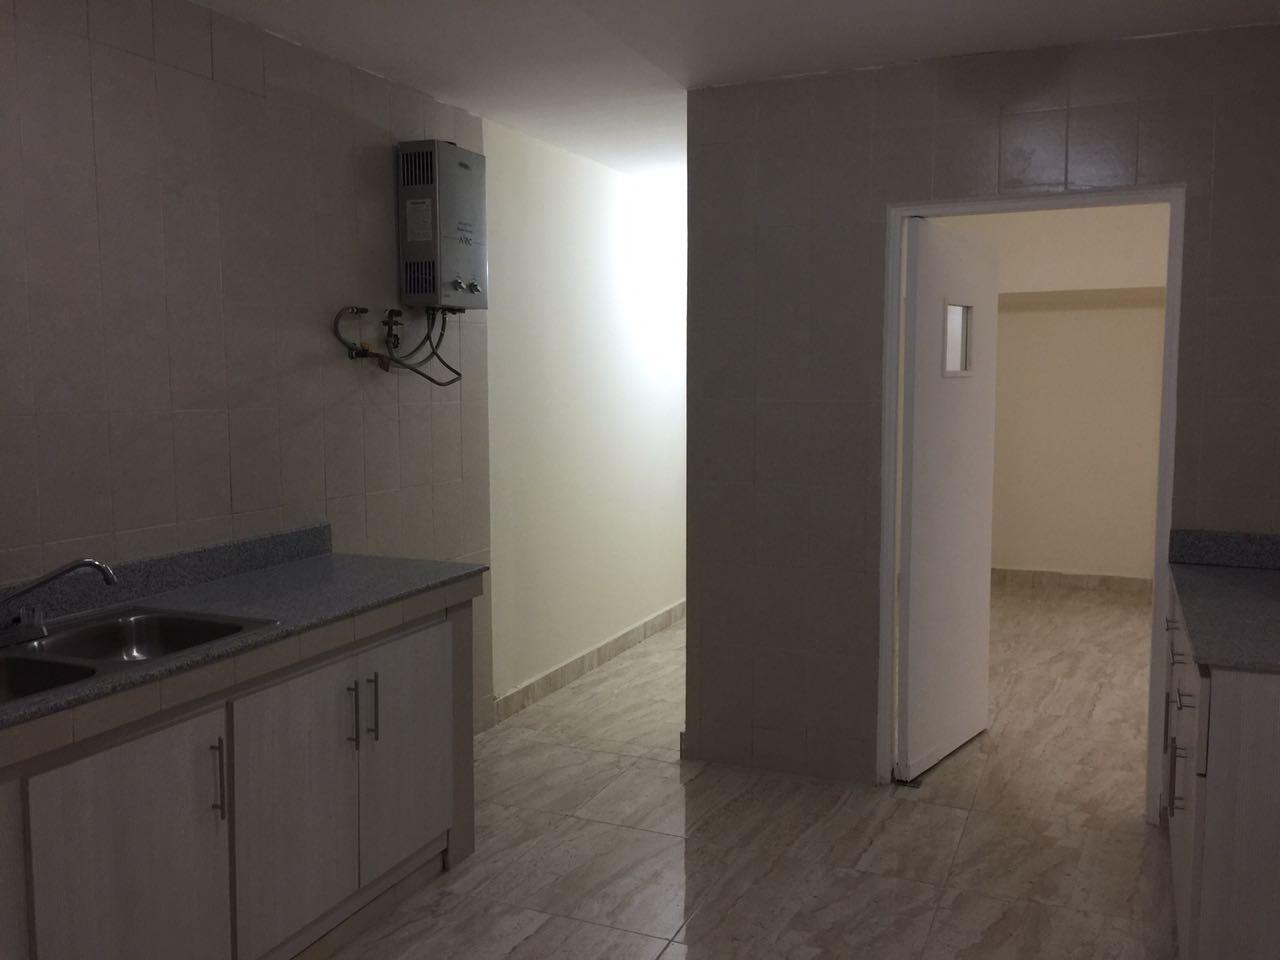 El-Carmen-Panama-property-panamaequityel-carmen-home-close-episcopal-2.jpg